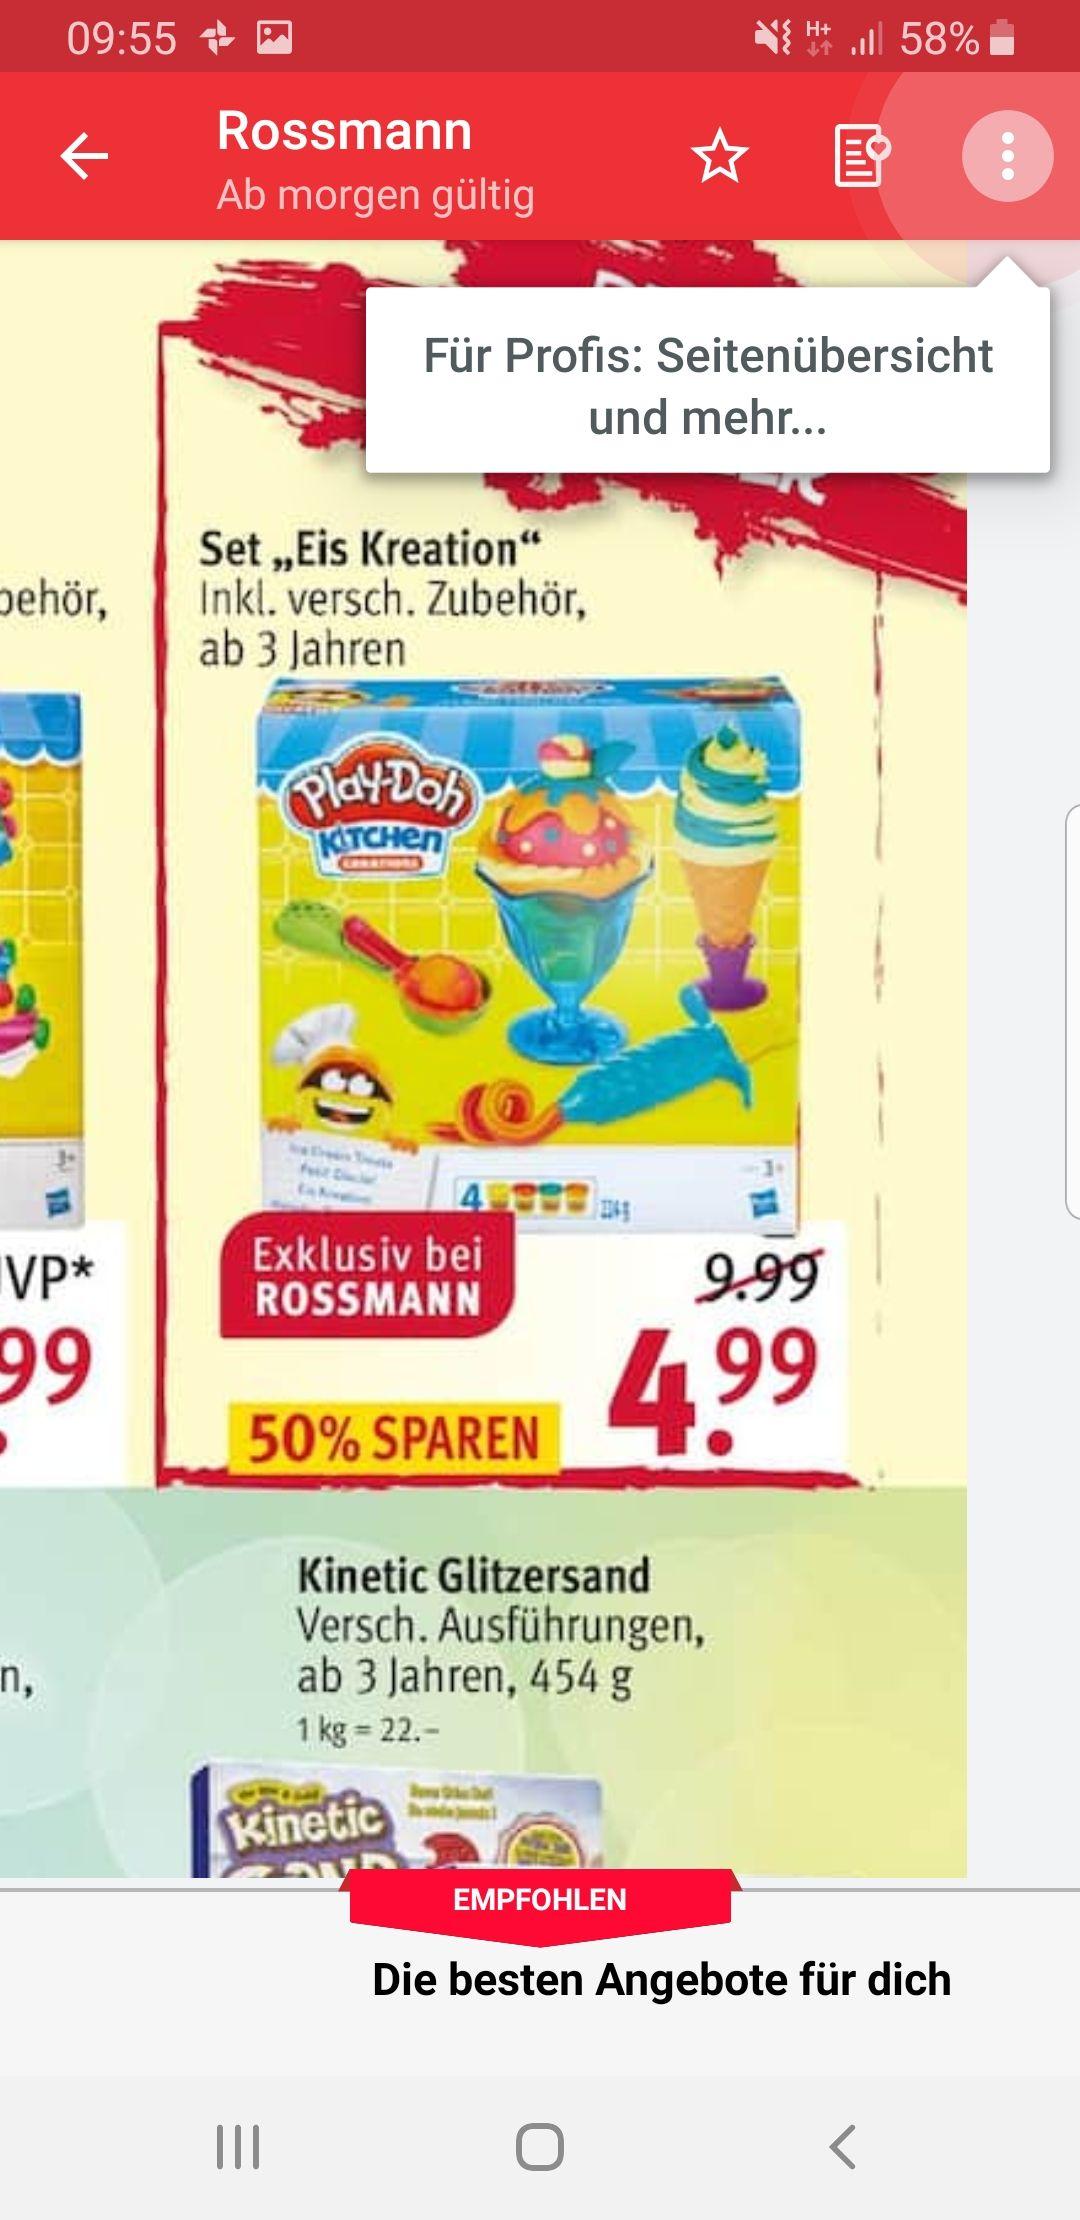 Rossmann ab Montag 08.04.19 Soft Knete Hasbro Play-Doh Eis Kreation für 4,99€ mit 10% Coupon aus der App für 4,50€